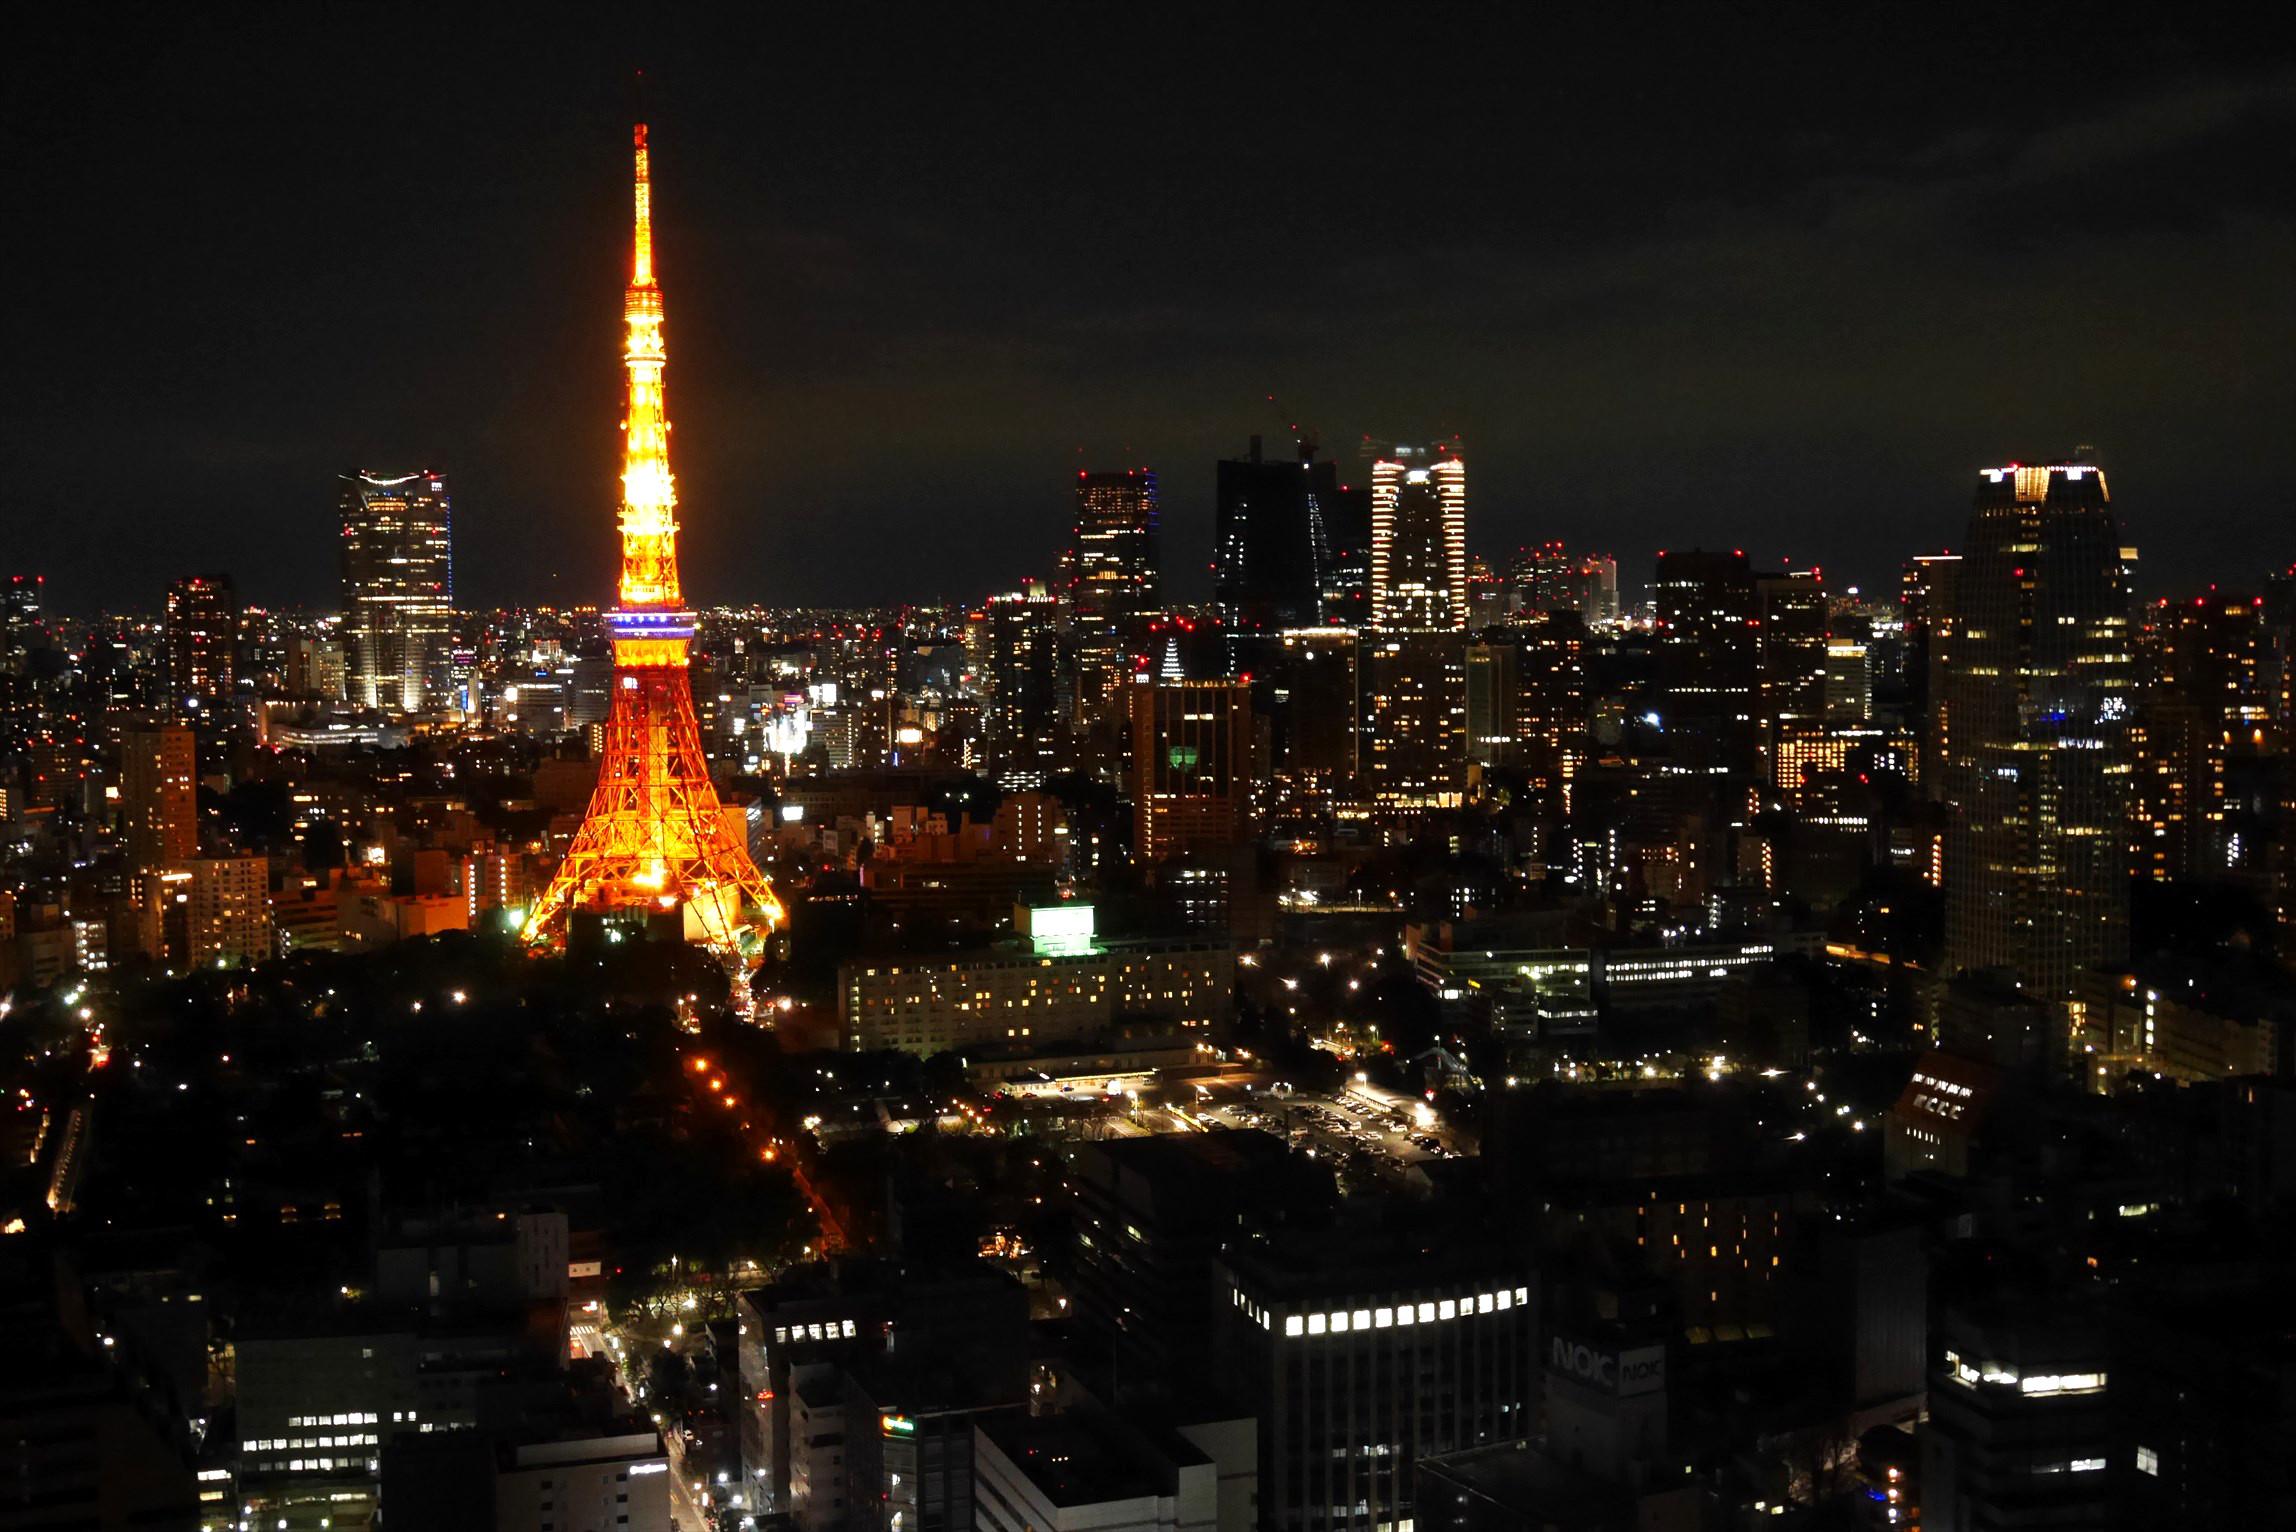 【保存版】21ヶ所から撮影。本当に美しい夜の東京タワーは●●だ!